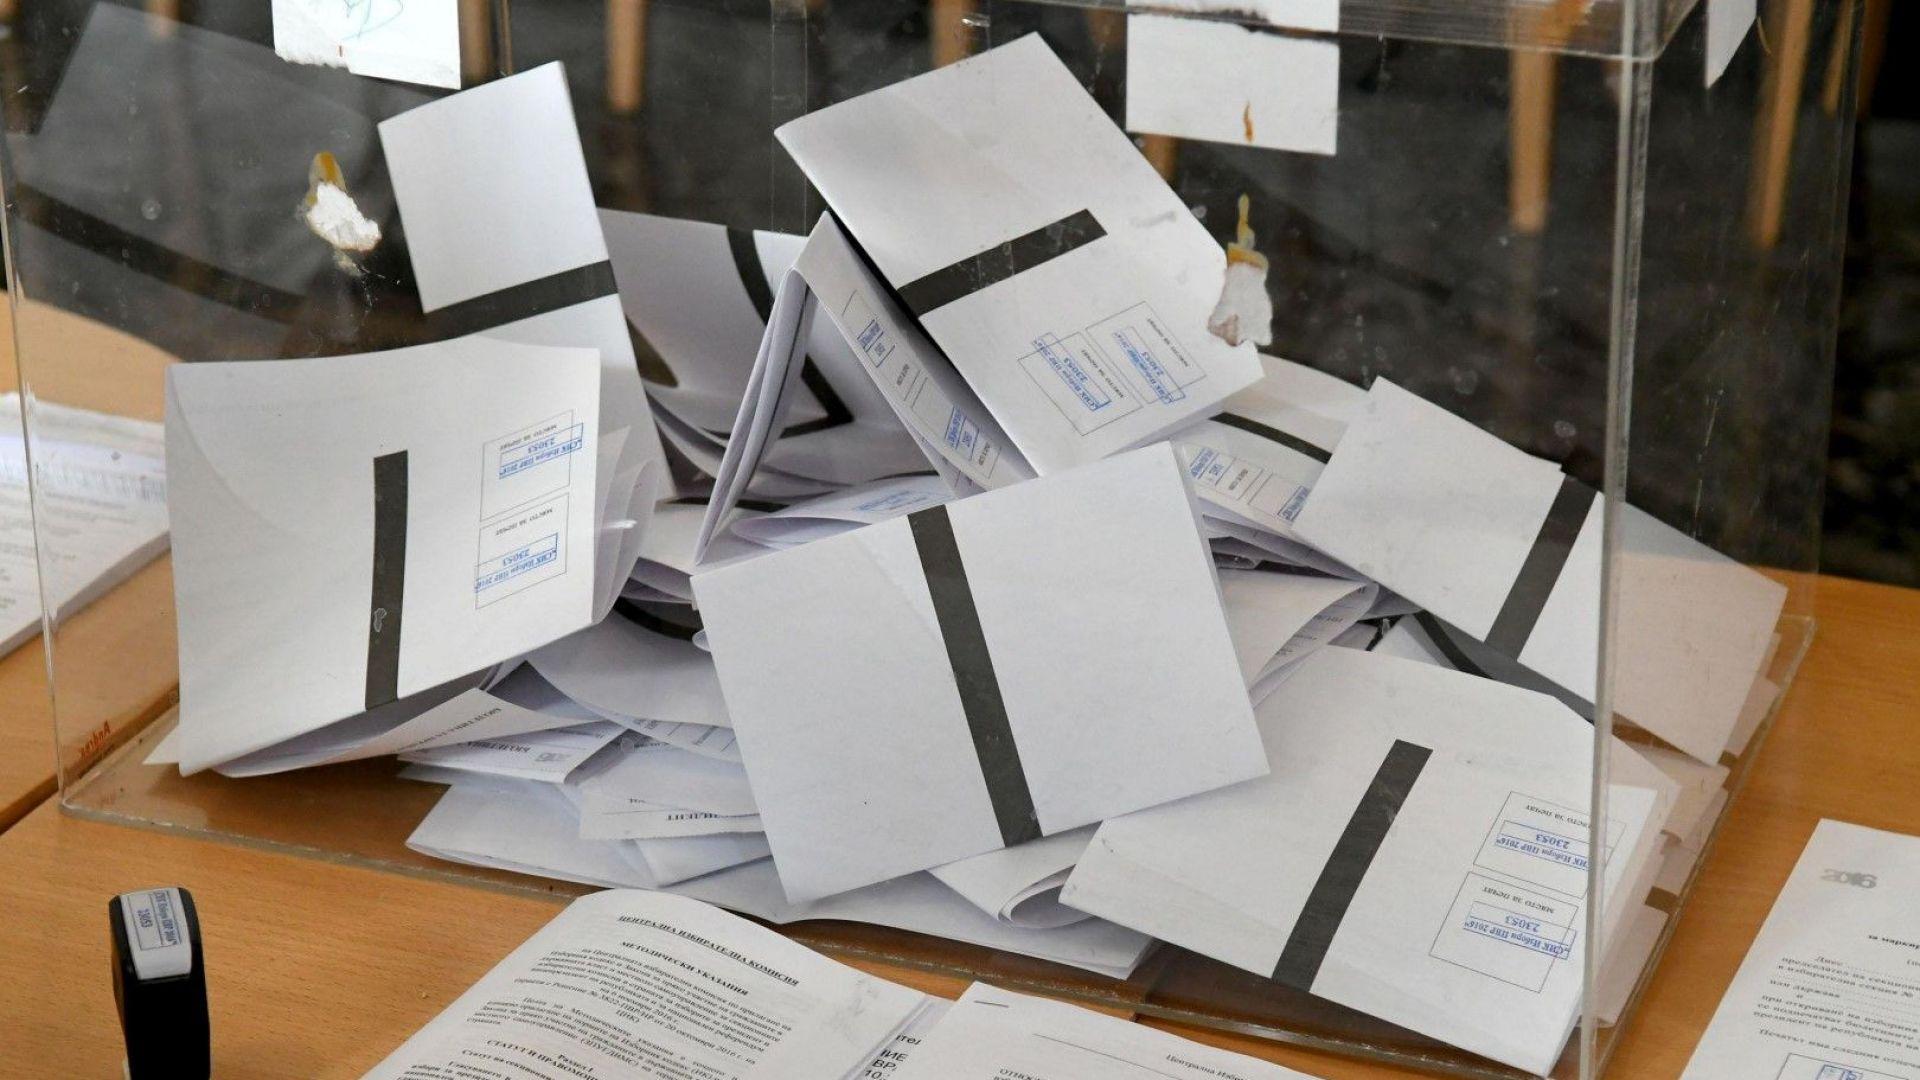 Ден за размисъл: не се допуска предизборна агитация